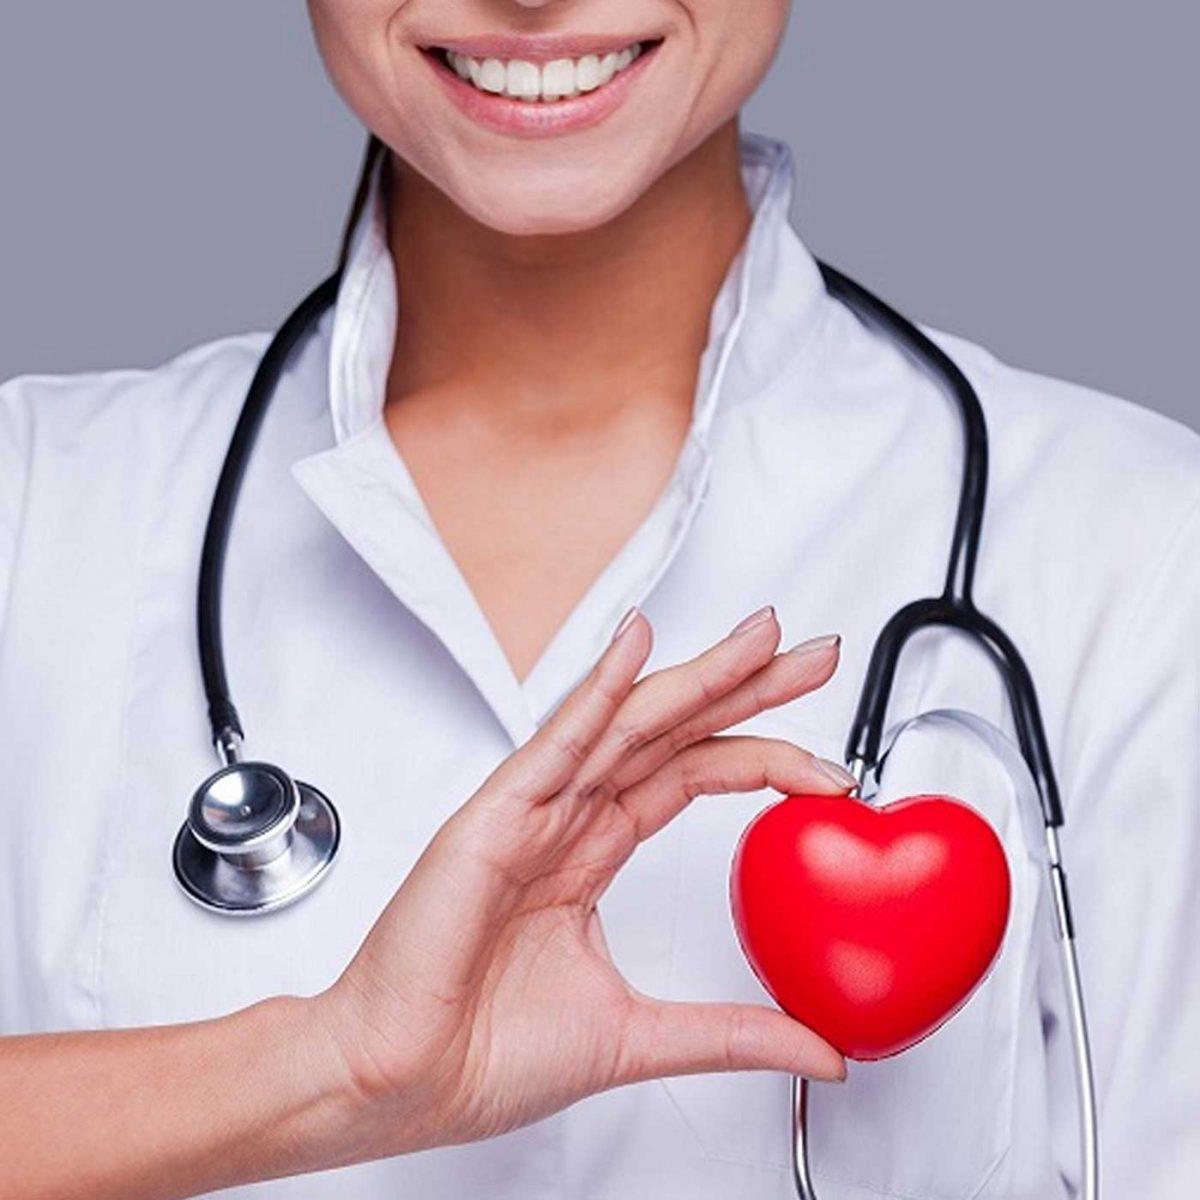 Kardiolog dziecięcy